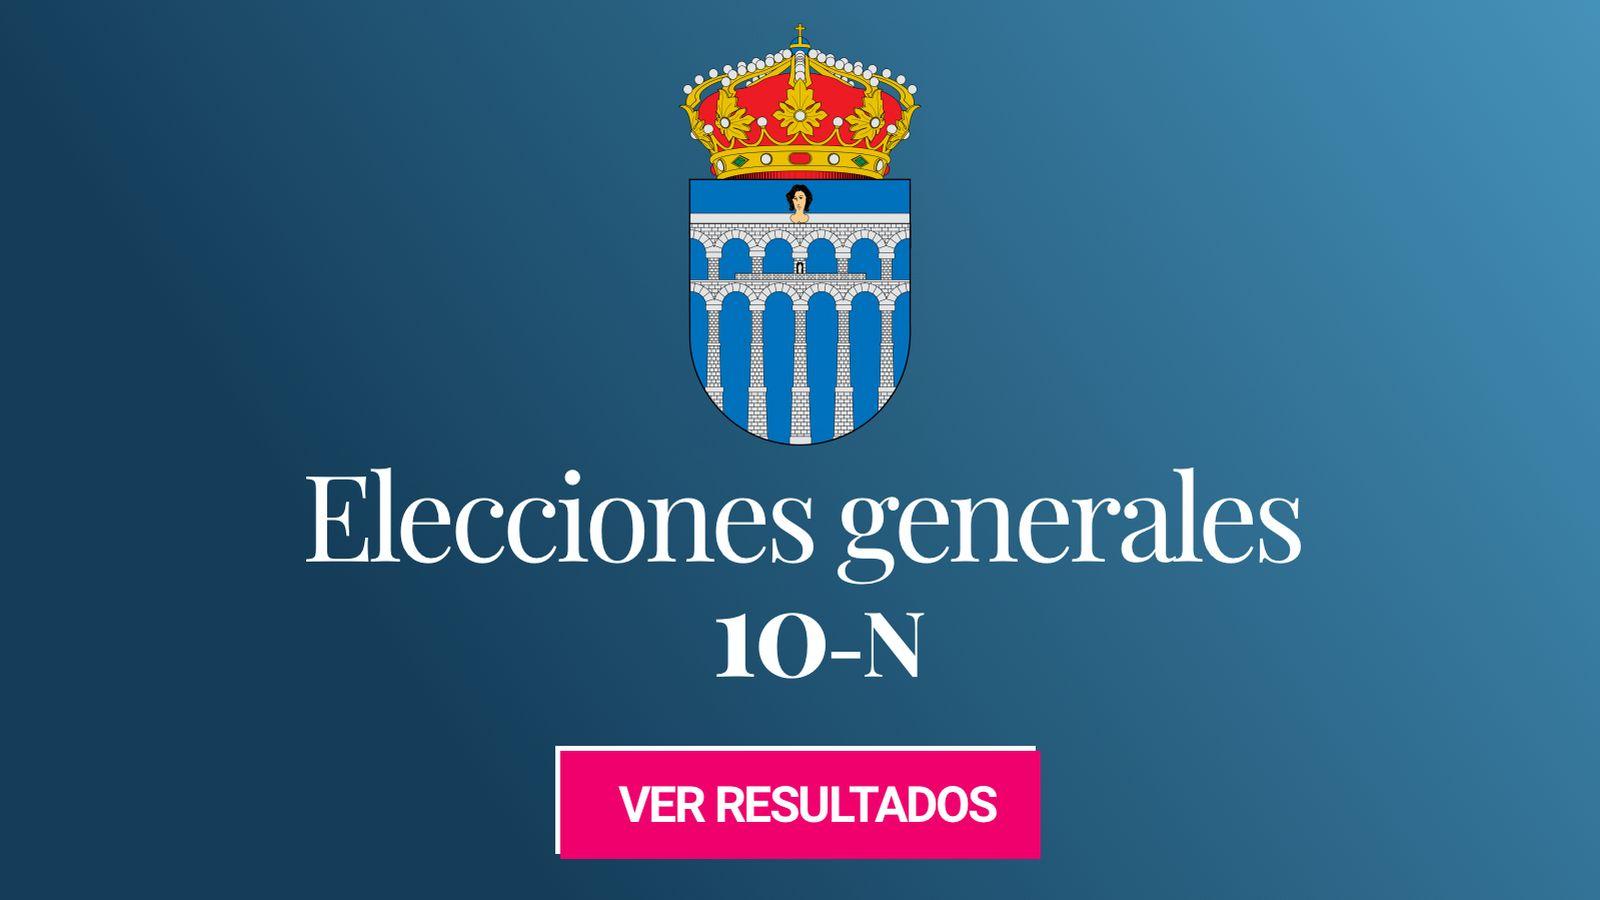 Foto: Elecciones generales 2019 en Segovia. (C.C./EC)